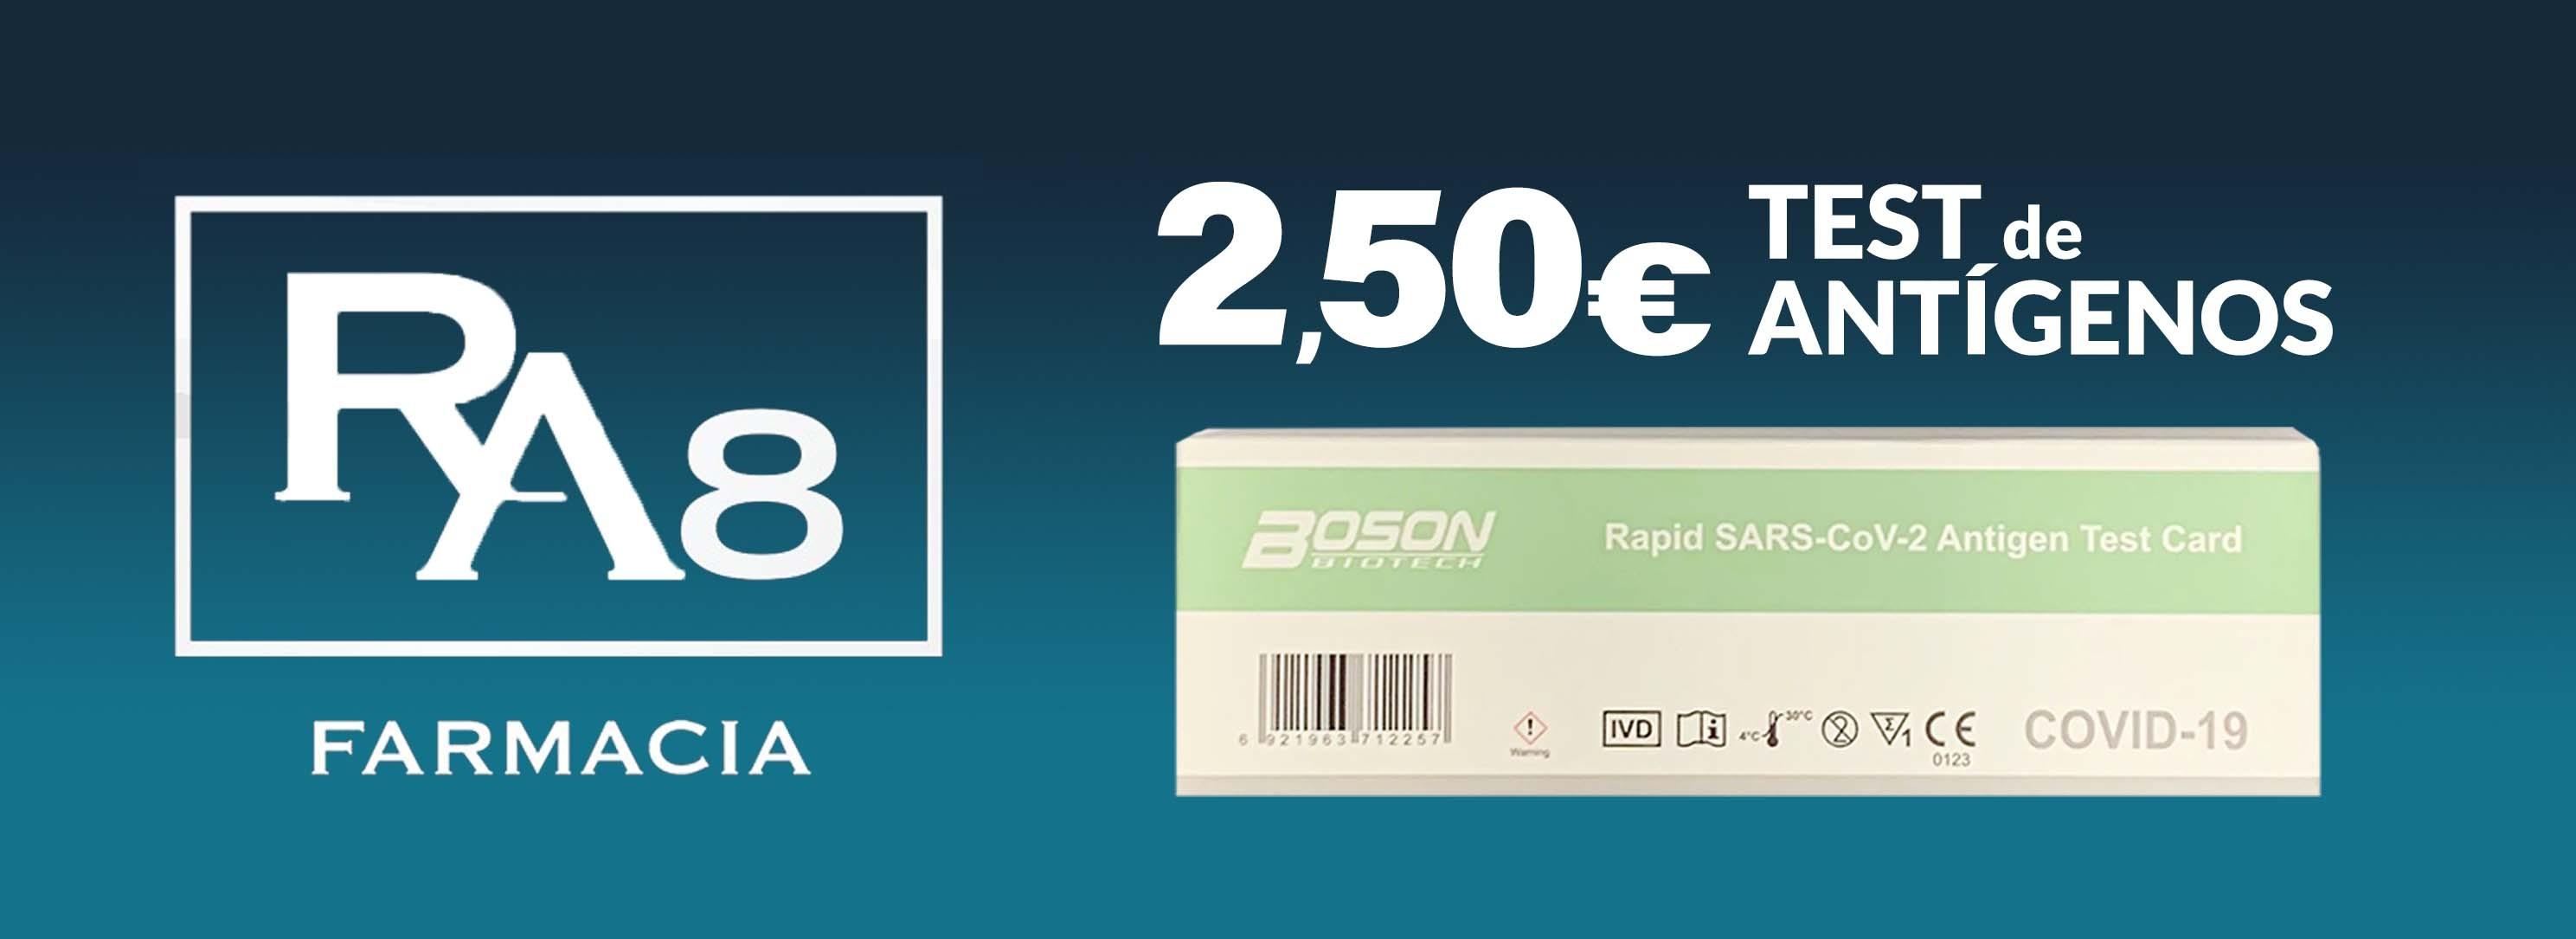 Test de Antígenos COVID 19 por 2,5€